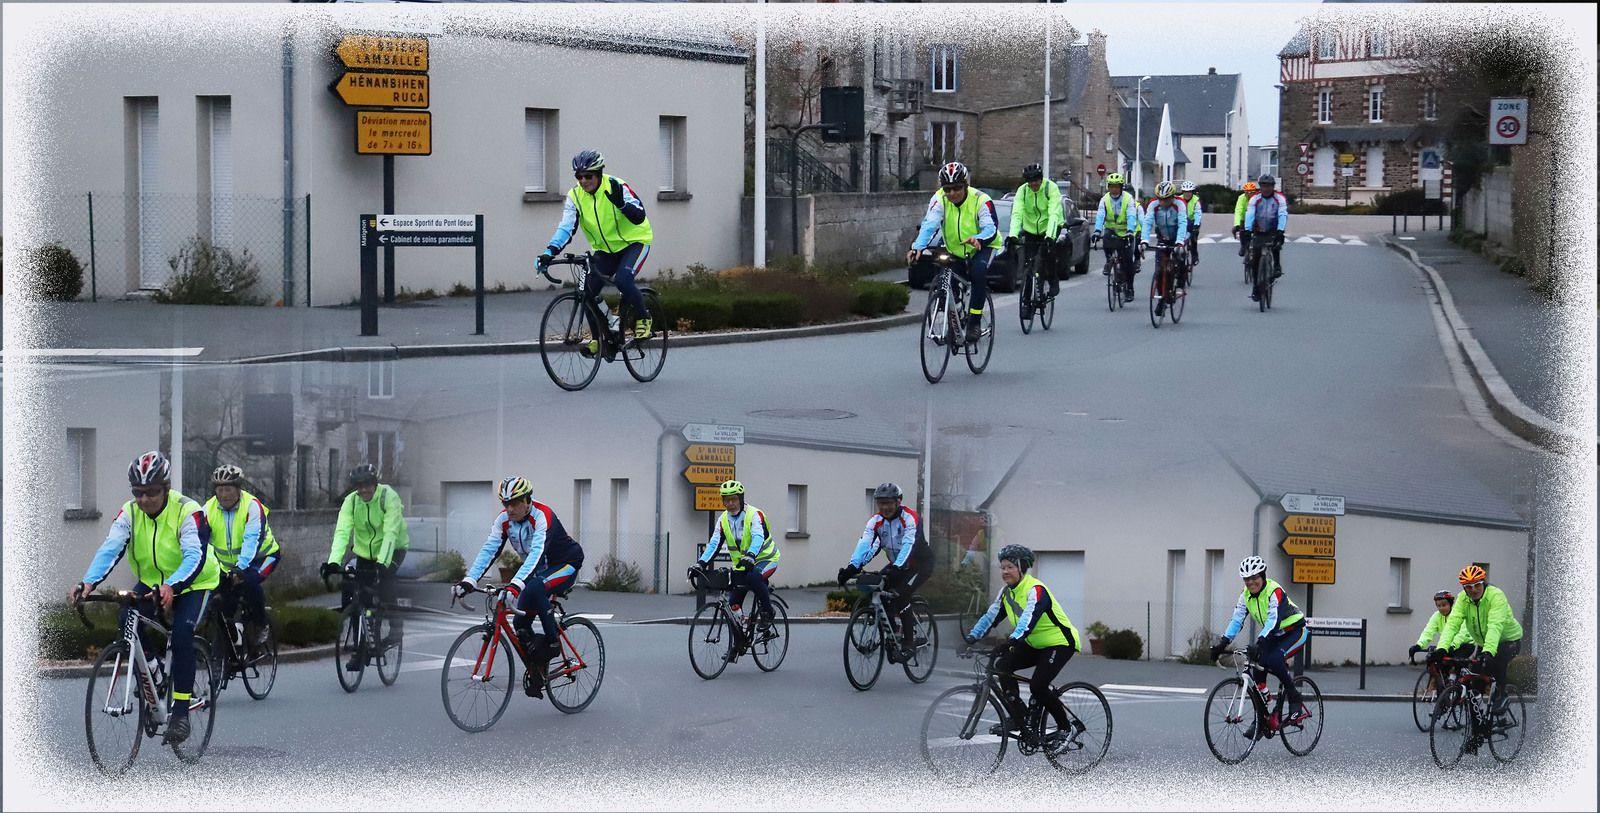 Brevet 100 km Cyclo Randonneur presqu'ile Castine le 21 mars 2021